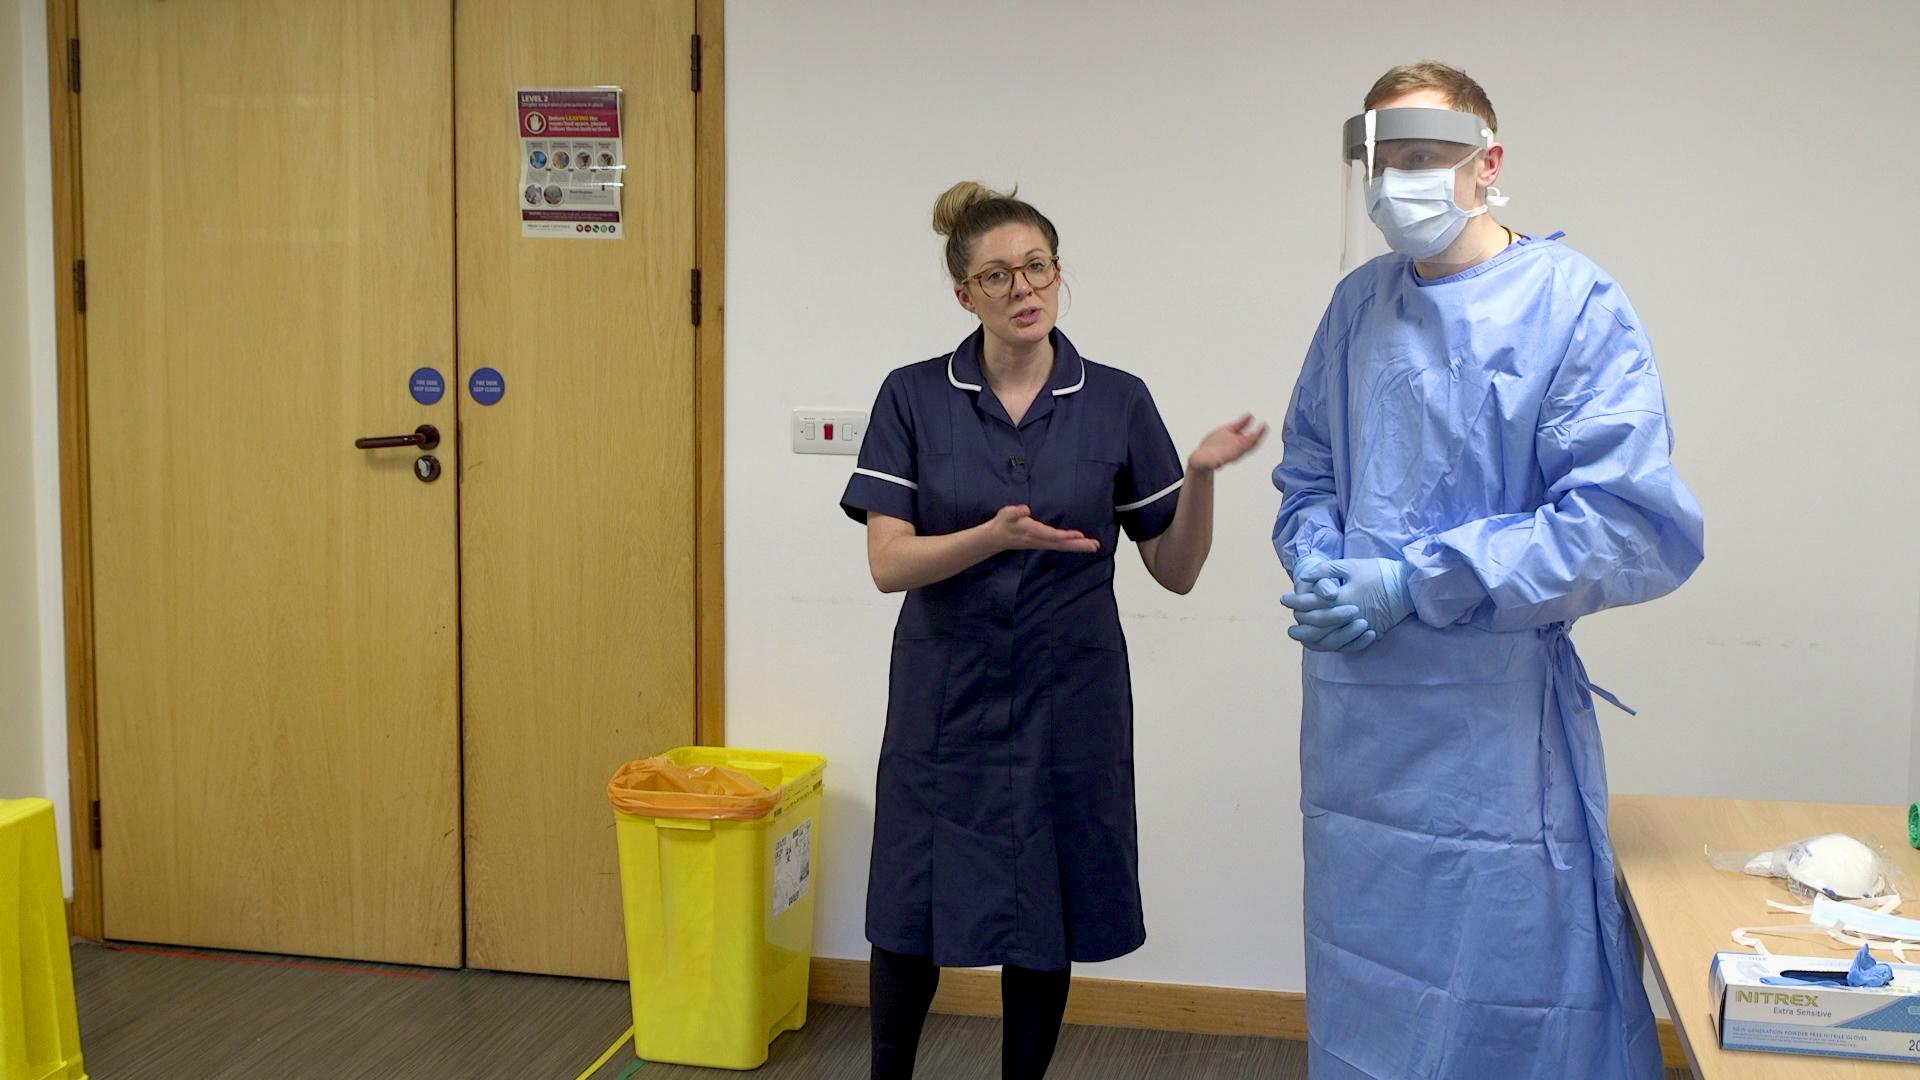 PPE Pixelwave NHS Video